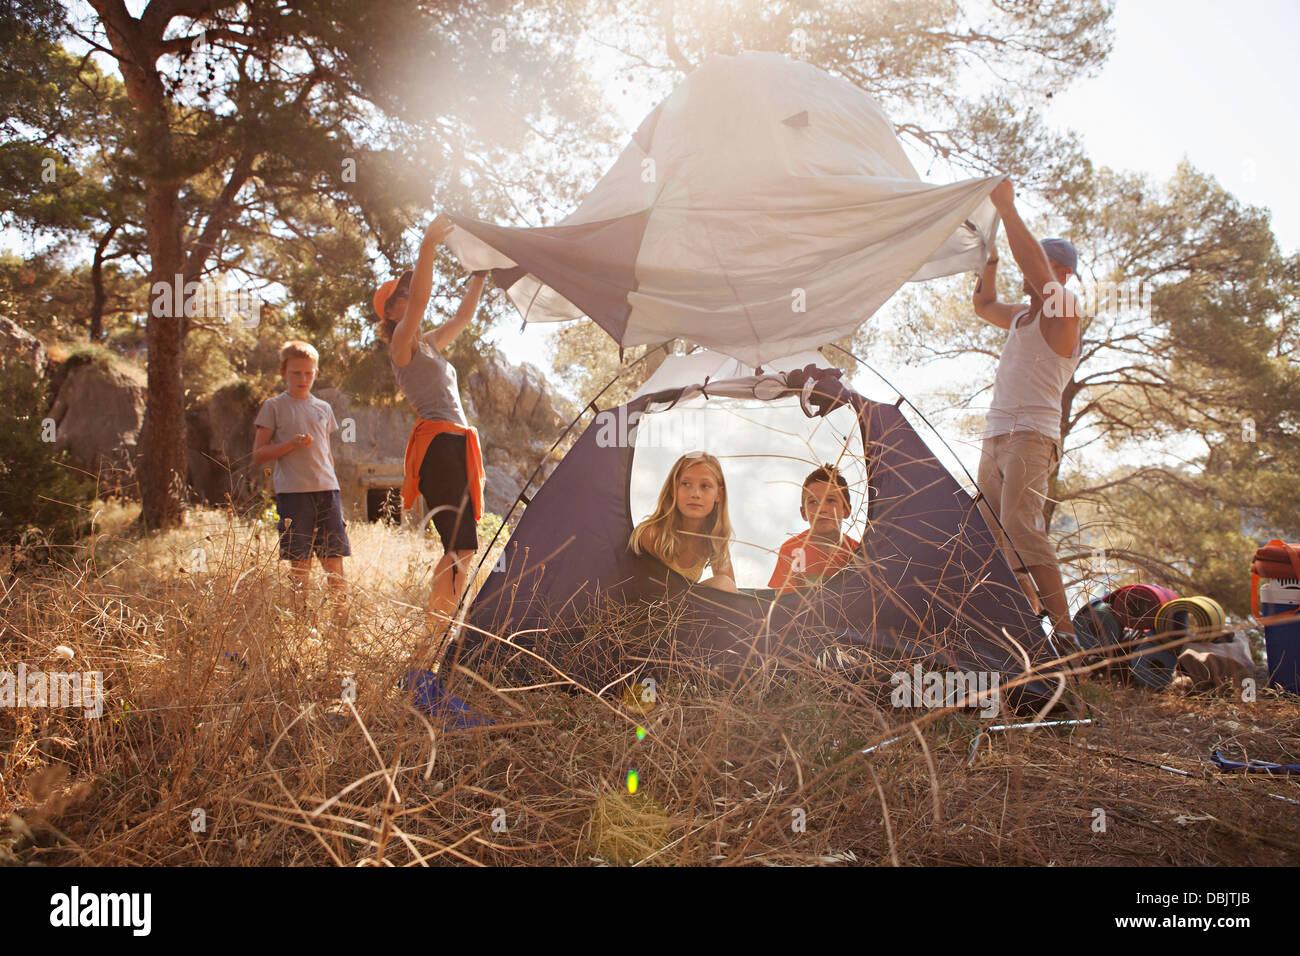 Croazia, Dalmazia, vacanze in famiglia Vacanze in campeggio, pitching tenda Immagini Stock